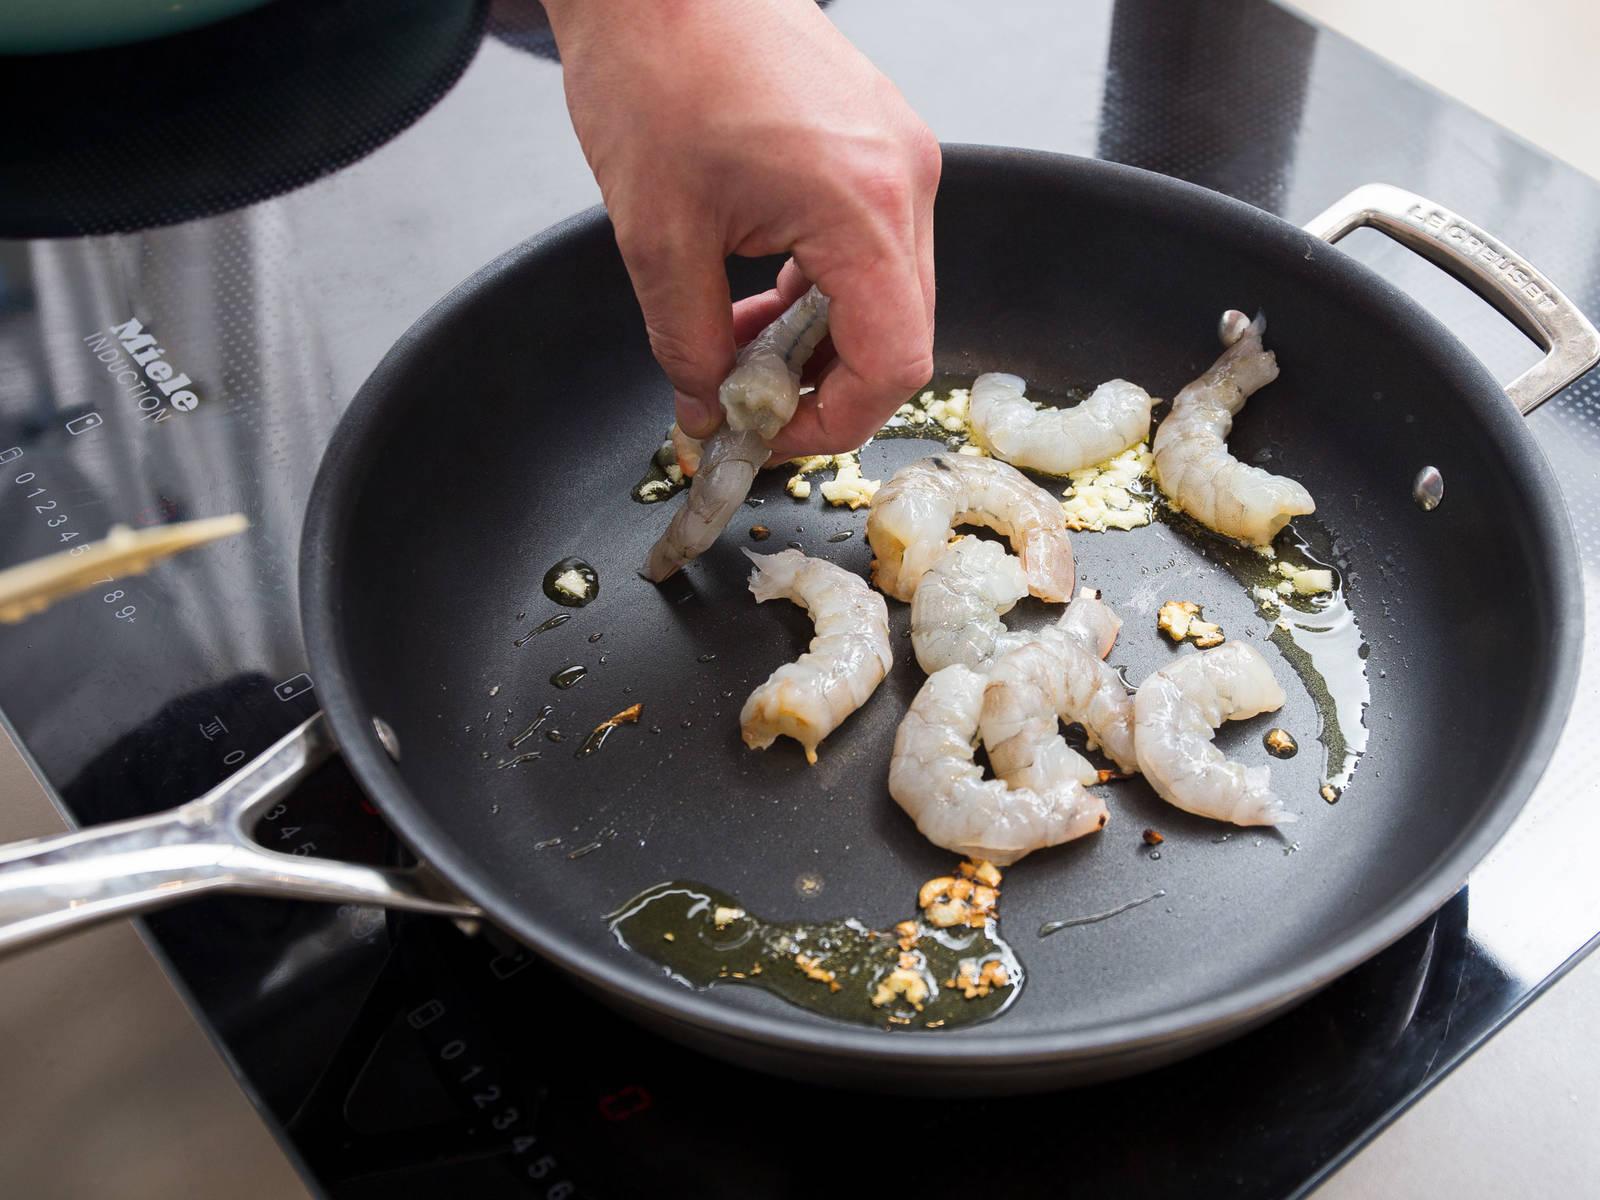 Öl in einer zweiten Pfanne auf mittlerer Stufe erhitzen und den restlichen Knoblauch ca. 1 - 2 Min. anbraten. Garnelen in die Pfanne geben und mit Salz und Pfeffer würzen. Hitze auf niedrige bis mittlere Stufe reduzieren und die Garnelen von beiden Seiten ca. 15 Sek. anbraten. Mit Zitronensaft ablöschen. Garnelen mit Kokosreis und Baby Pak Choi anrichten. Guten Appetit!